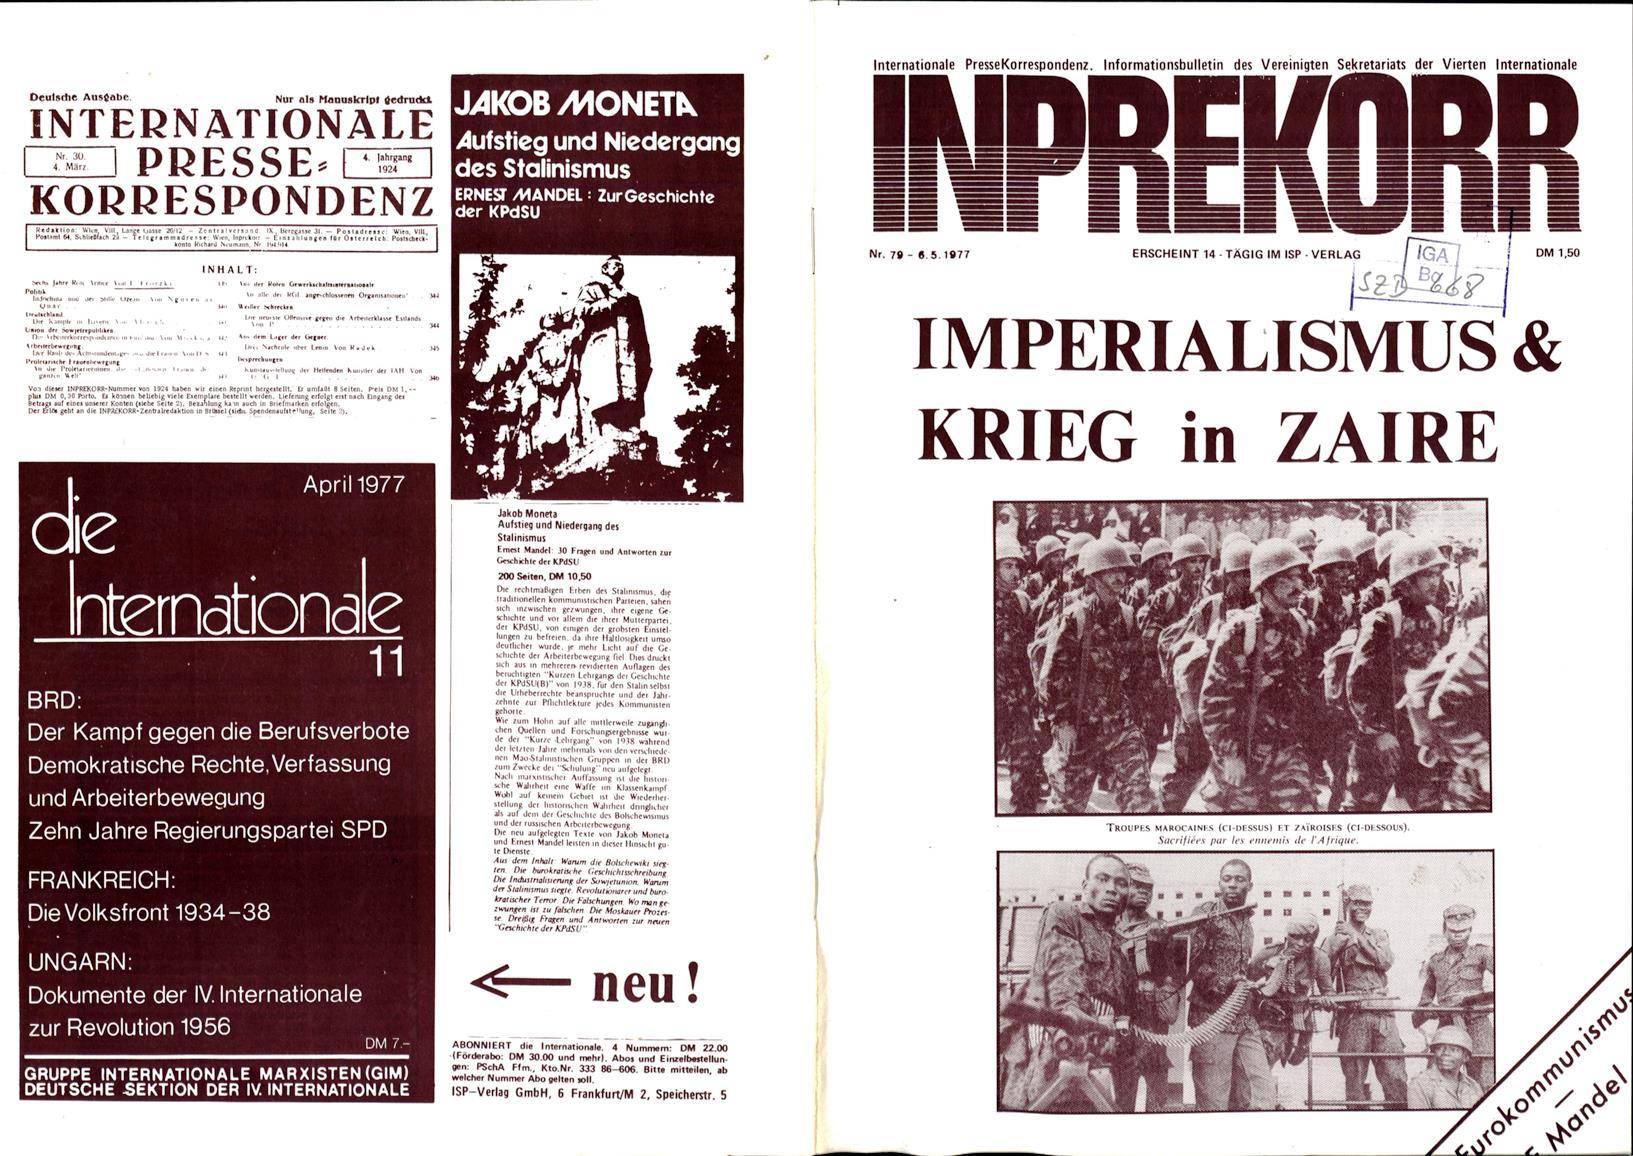 Inprekorr_19770506_079_001